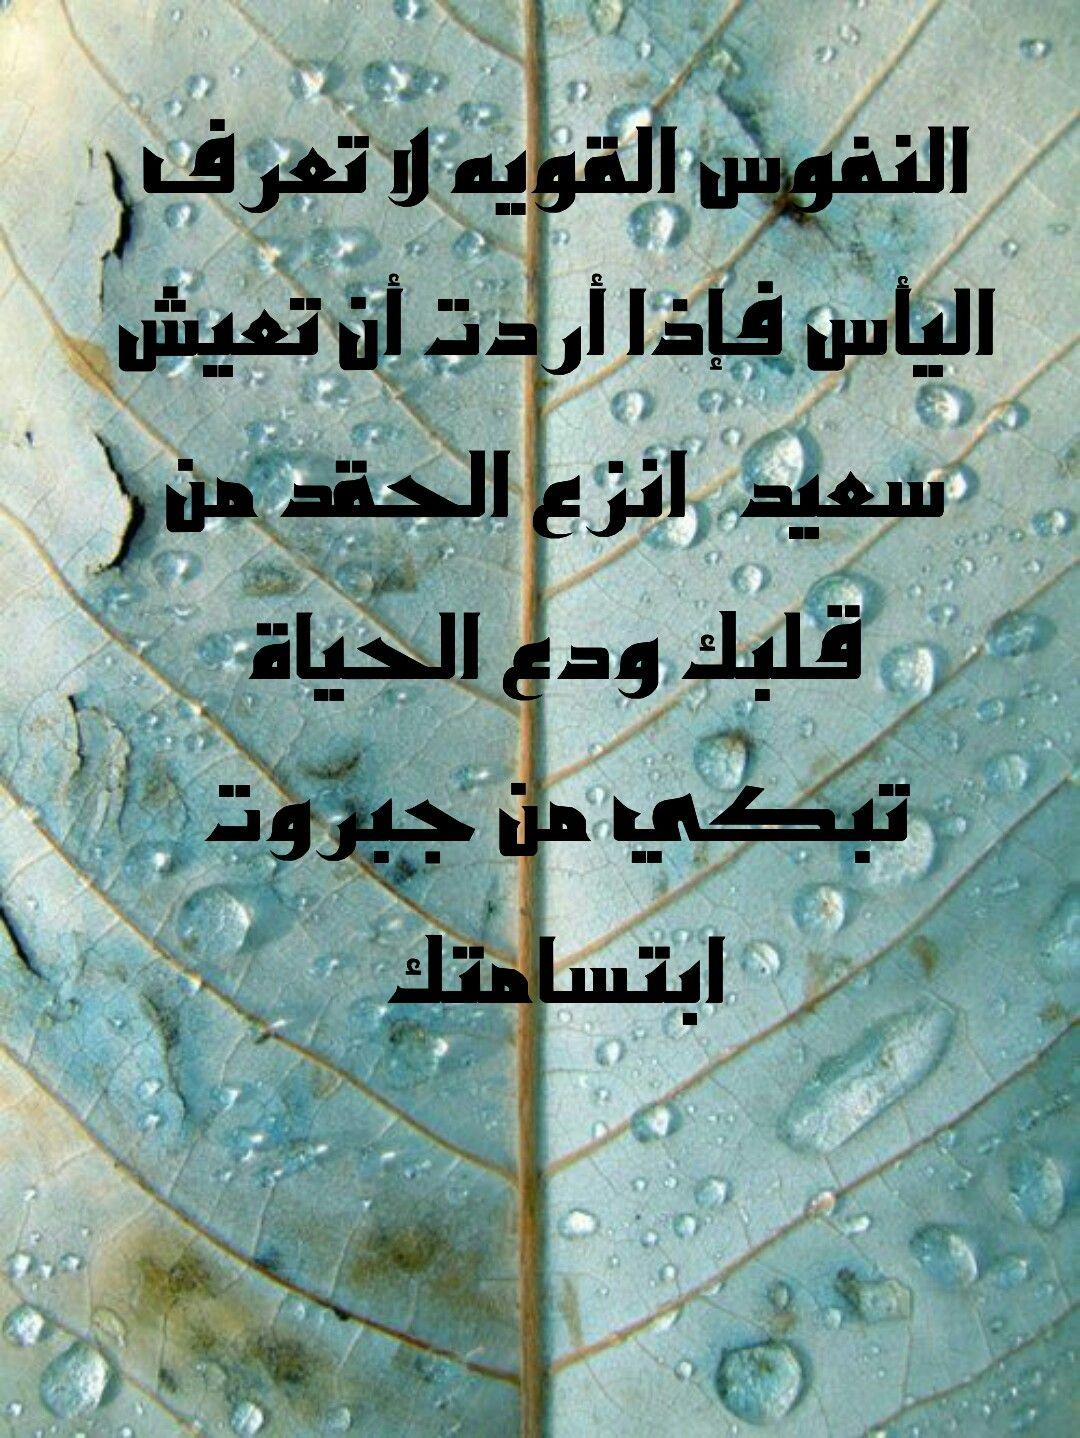 النفوس القويه لاتعرف اليأس فإذا أردت ان تعيش سعيدا انزع الحقد من قلبك ودع الحياة تبكي من جبروت أبتسامتك Arabic Words Quotes Words